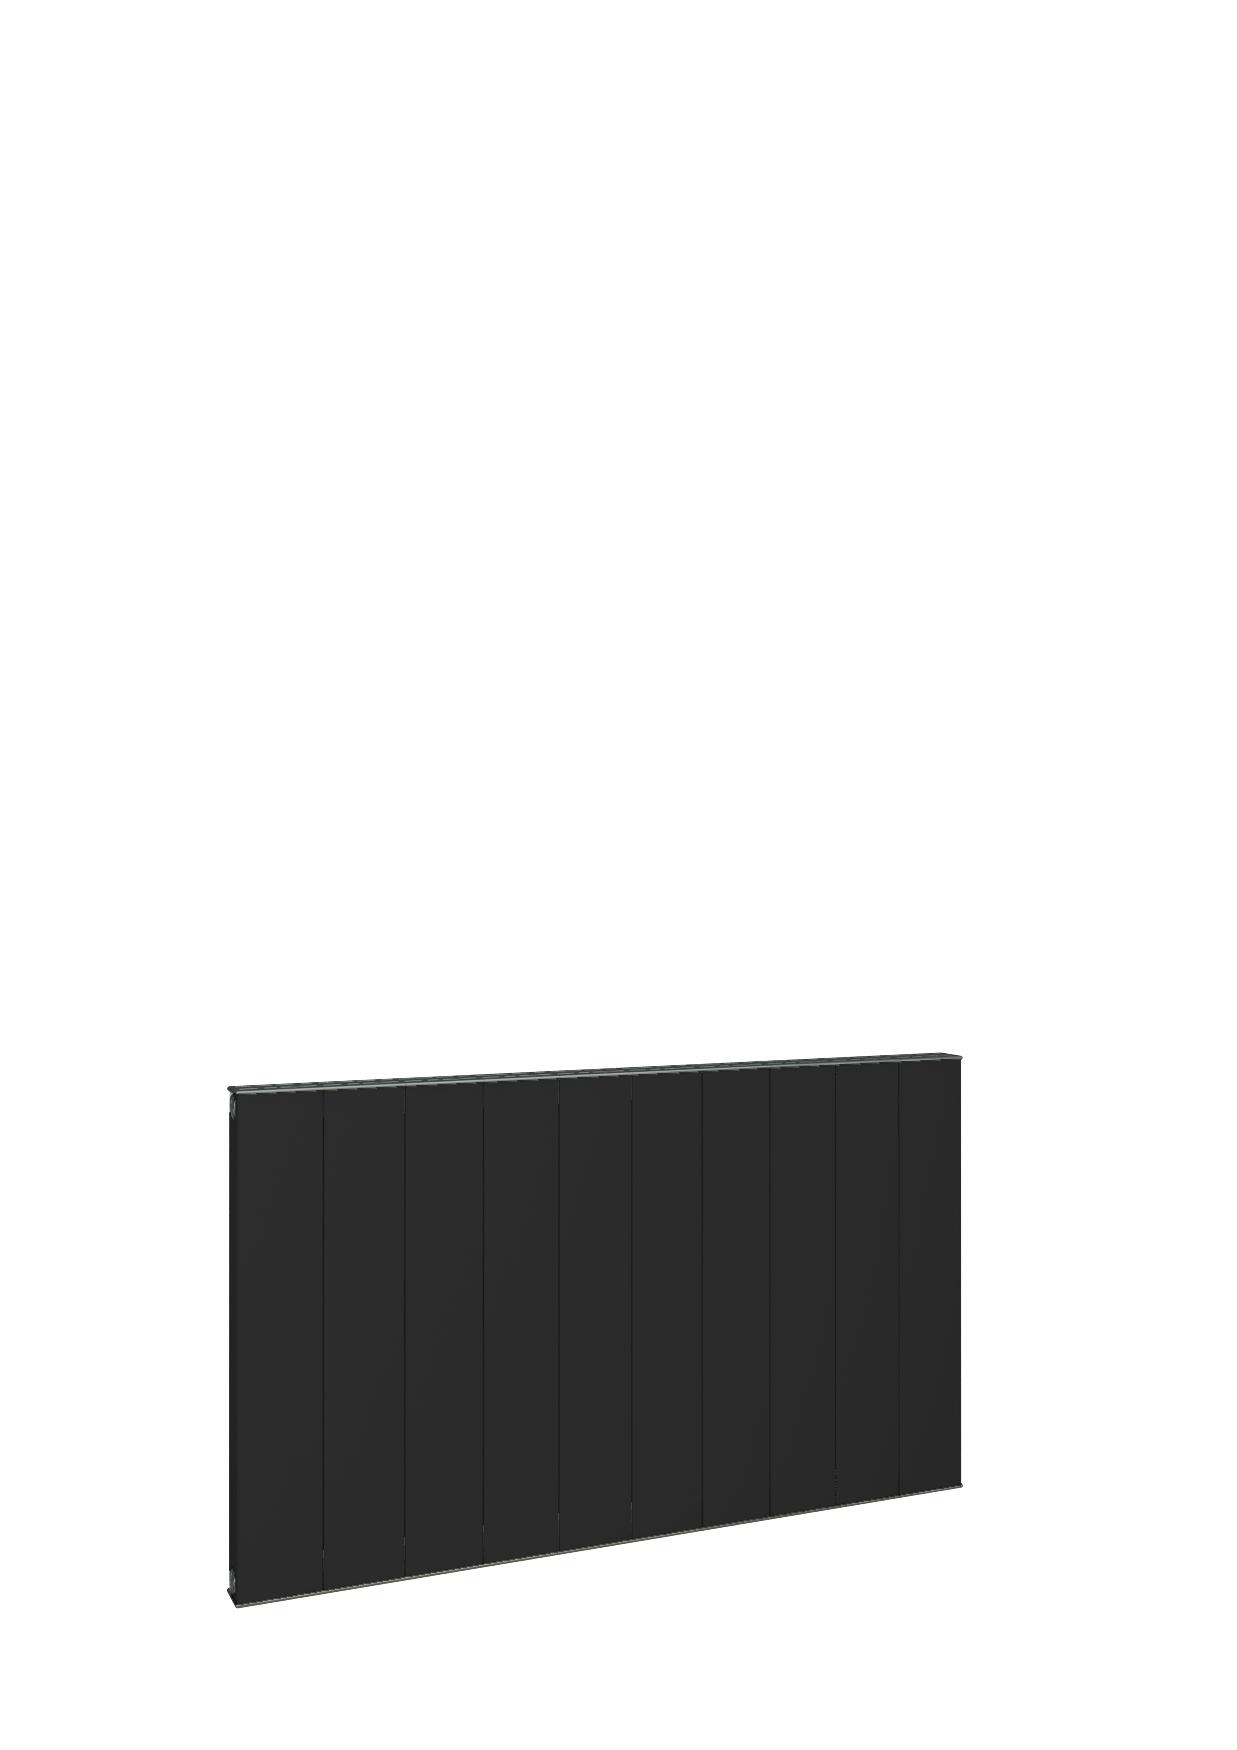 Eastbrook Vesima horizontale aluminium verwarming 60x80,3cm Mat zwart 1056 watt